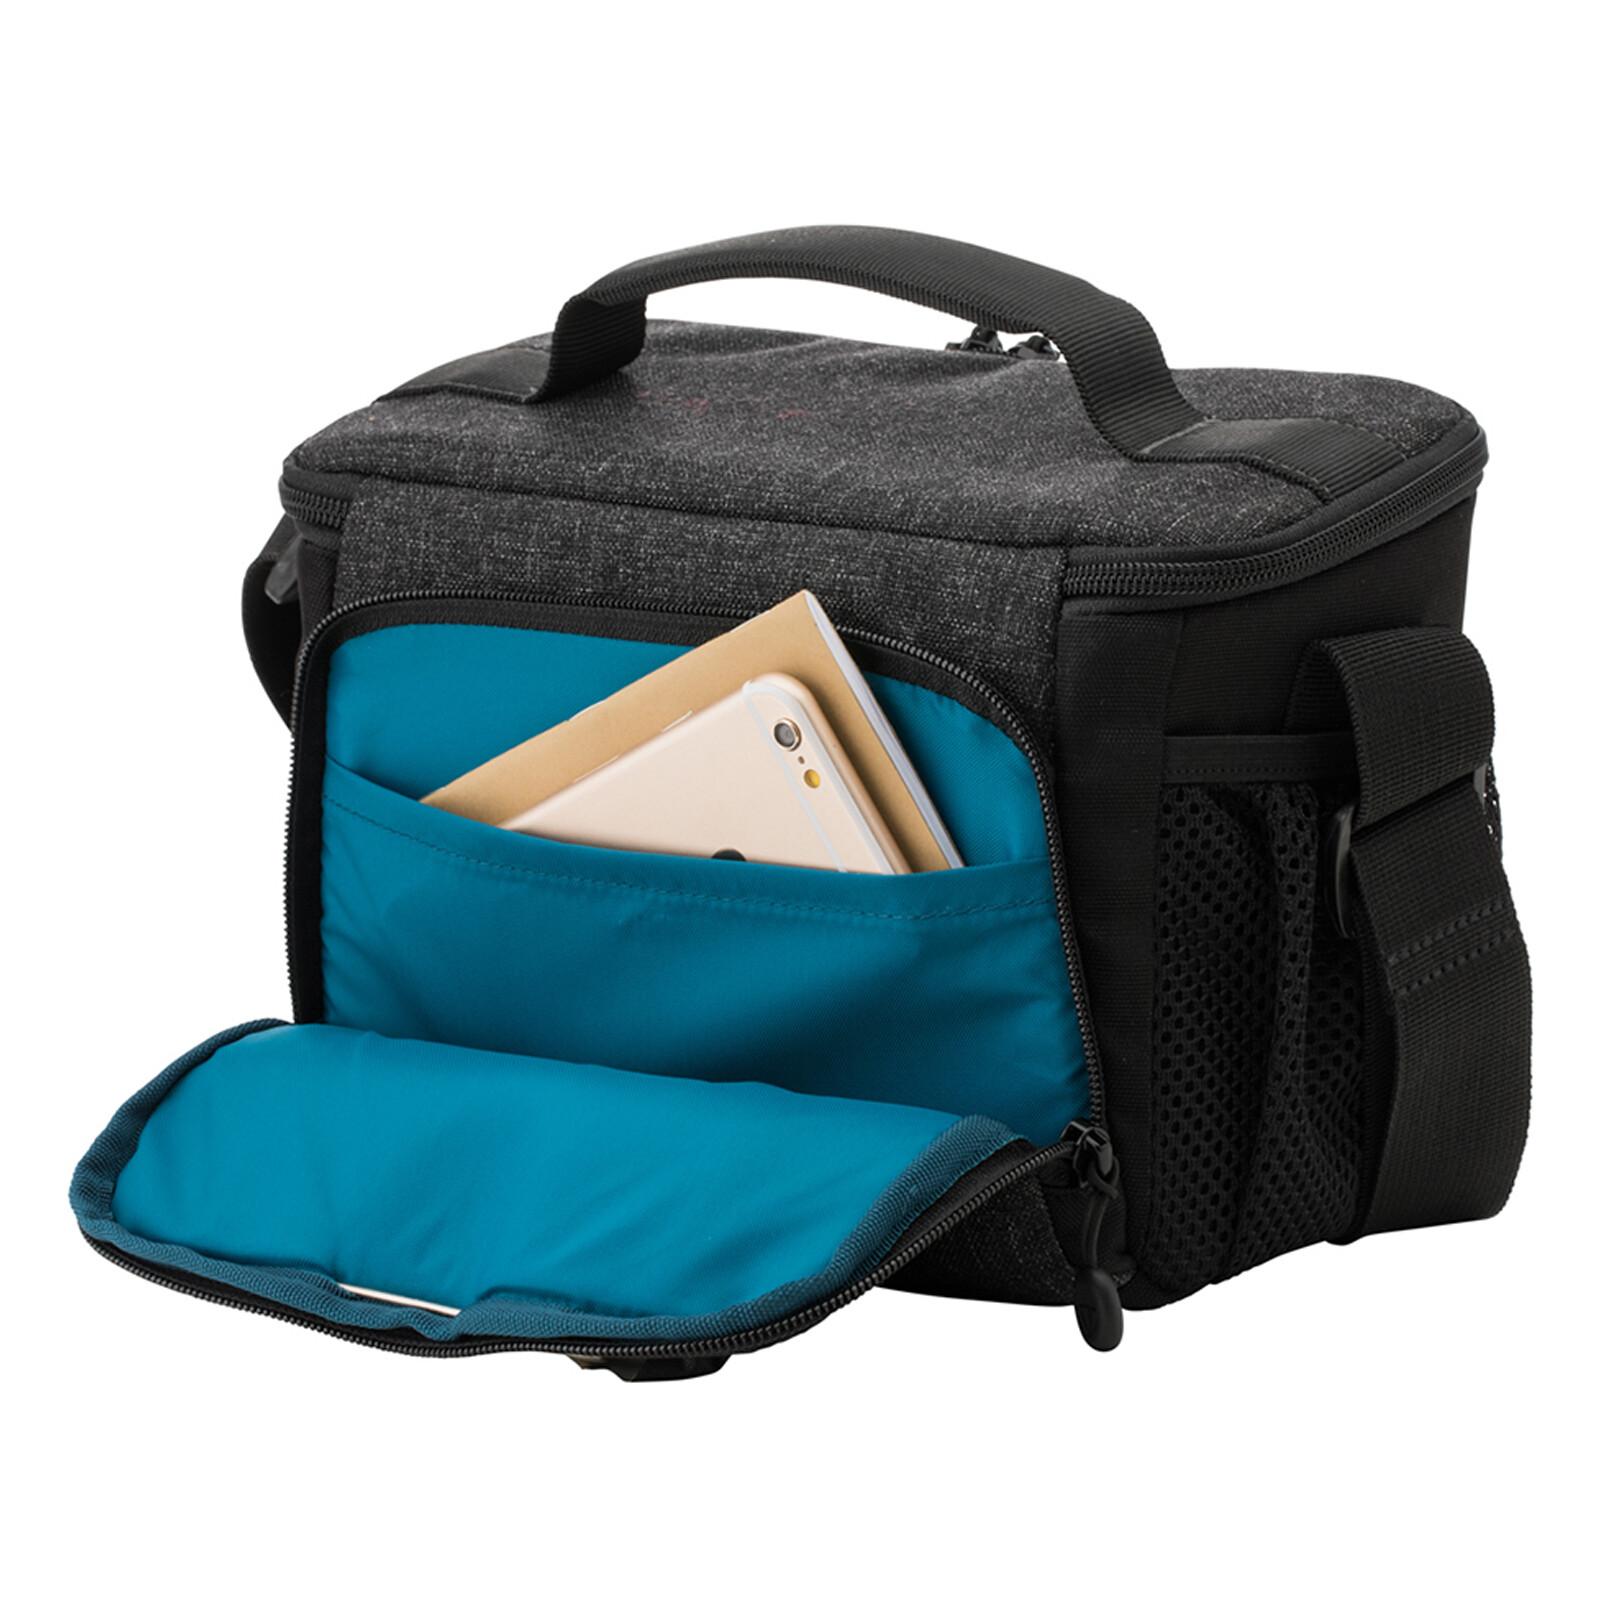 Tenba Skyline 10 Shoulder Bag Grau